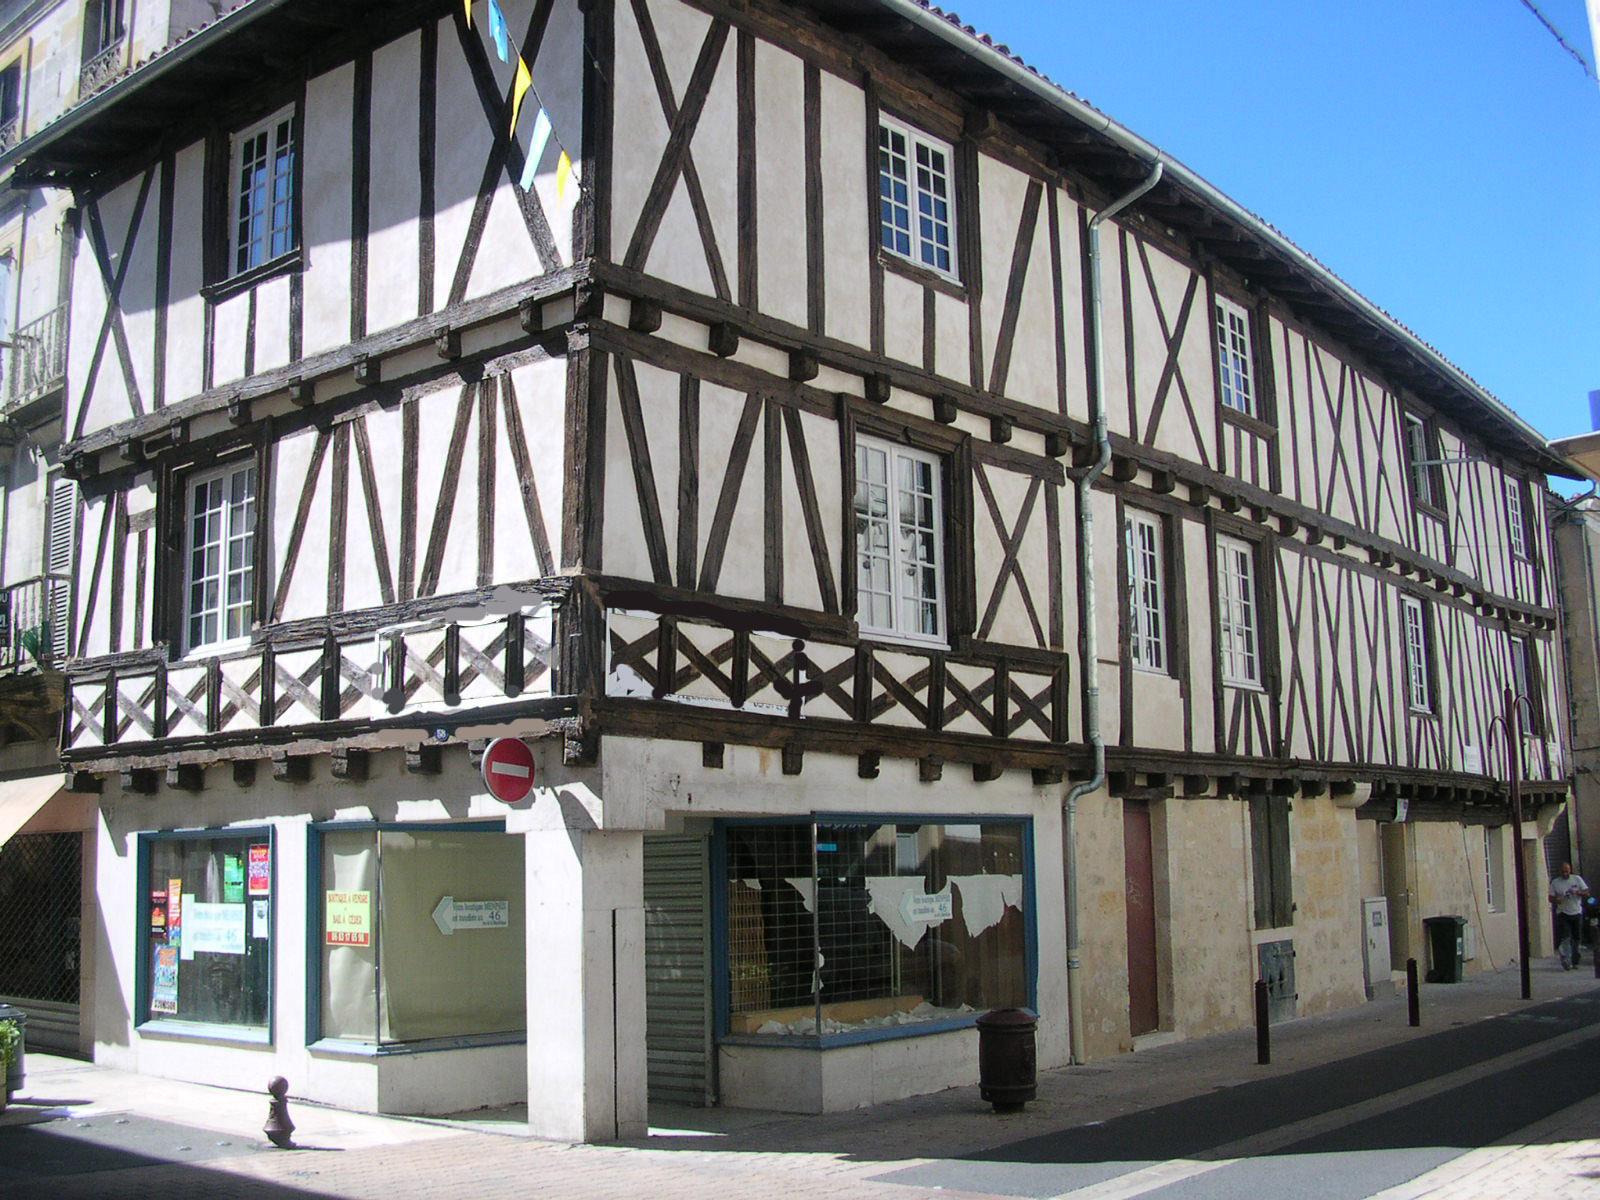 File:Maison style moyen age - panoramio.jpg - Wikimedia Commons